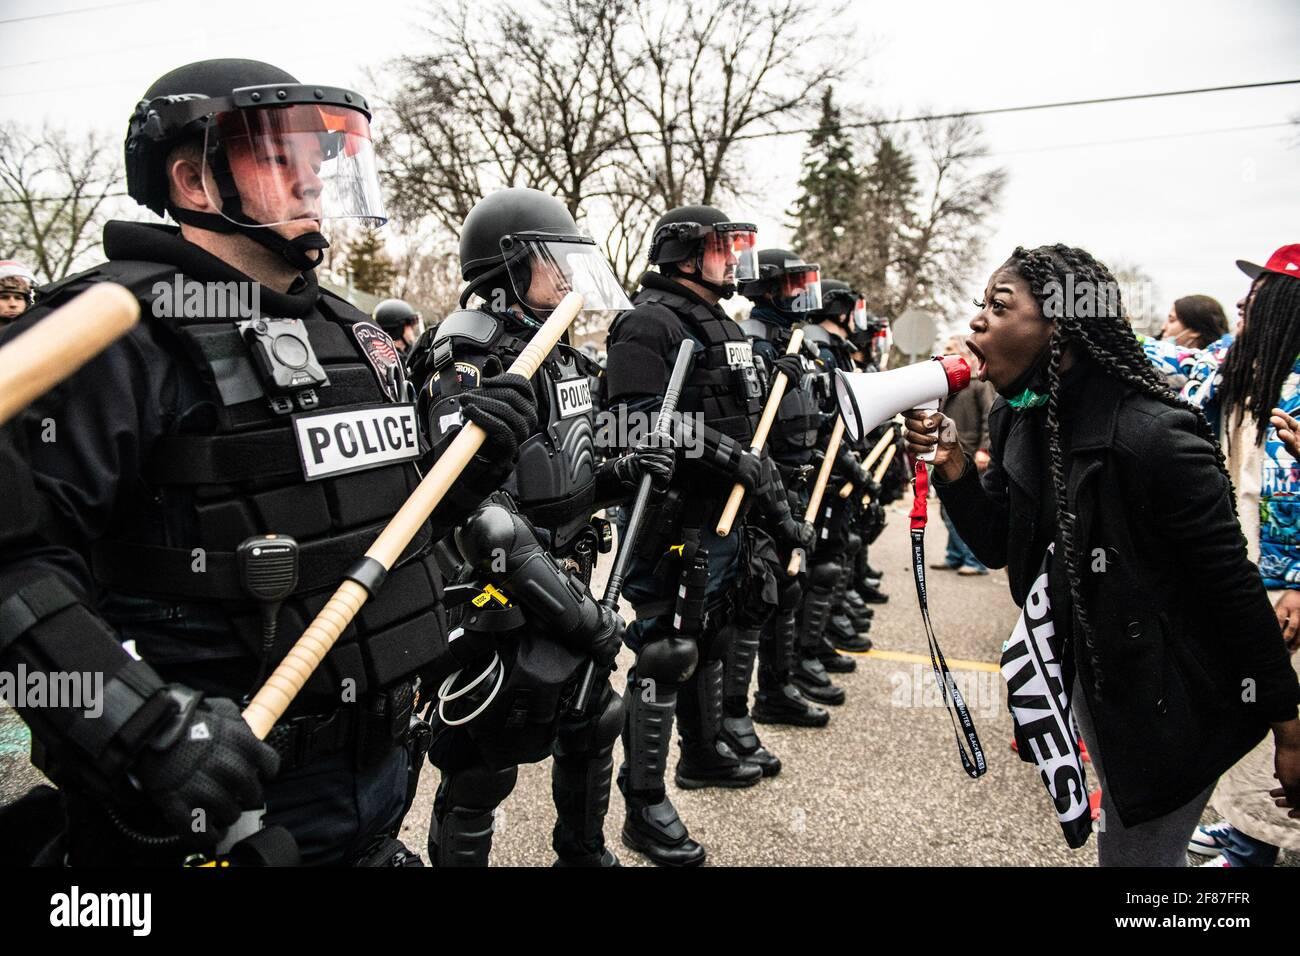 Brooklyn Center, Minnesota, 11 de abril de 2021, manifestantes se manifiestan cerca de la esquina de Katherene Drive y 63rd Ave North el 11 de abril de 2021 en Brooklyn Center, Minnesota, después del asesinato de Daunte Wright. Foto: Chris Tuite/ImageSPACE/MediaPunch Foto de stock